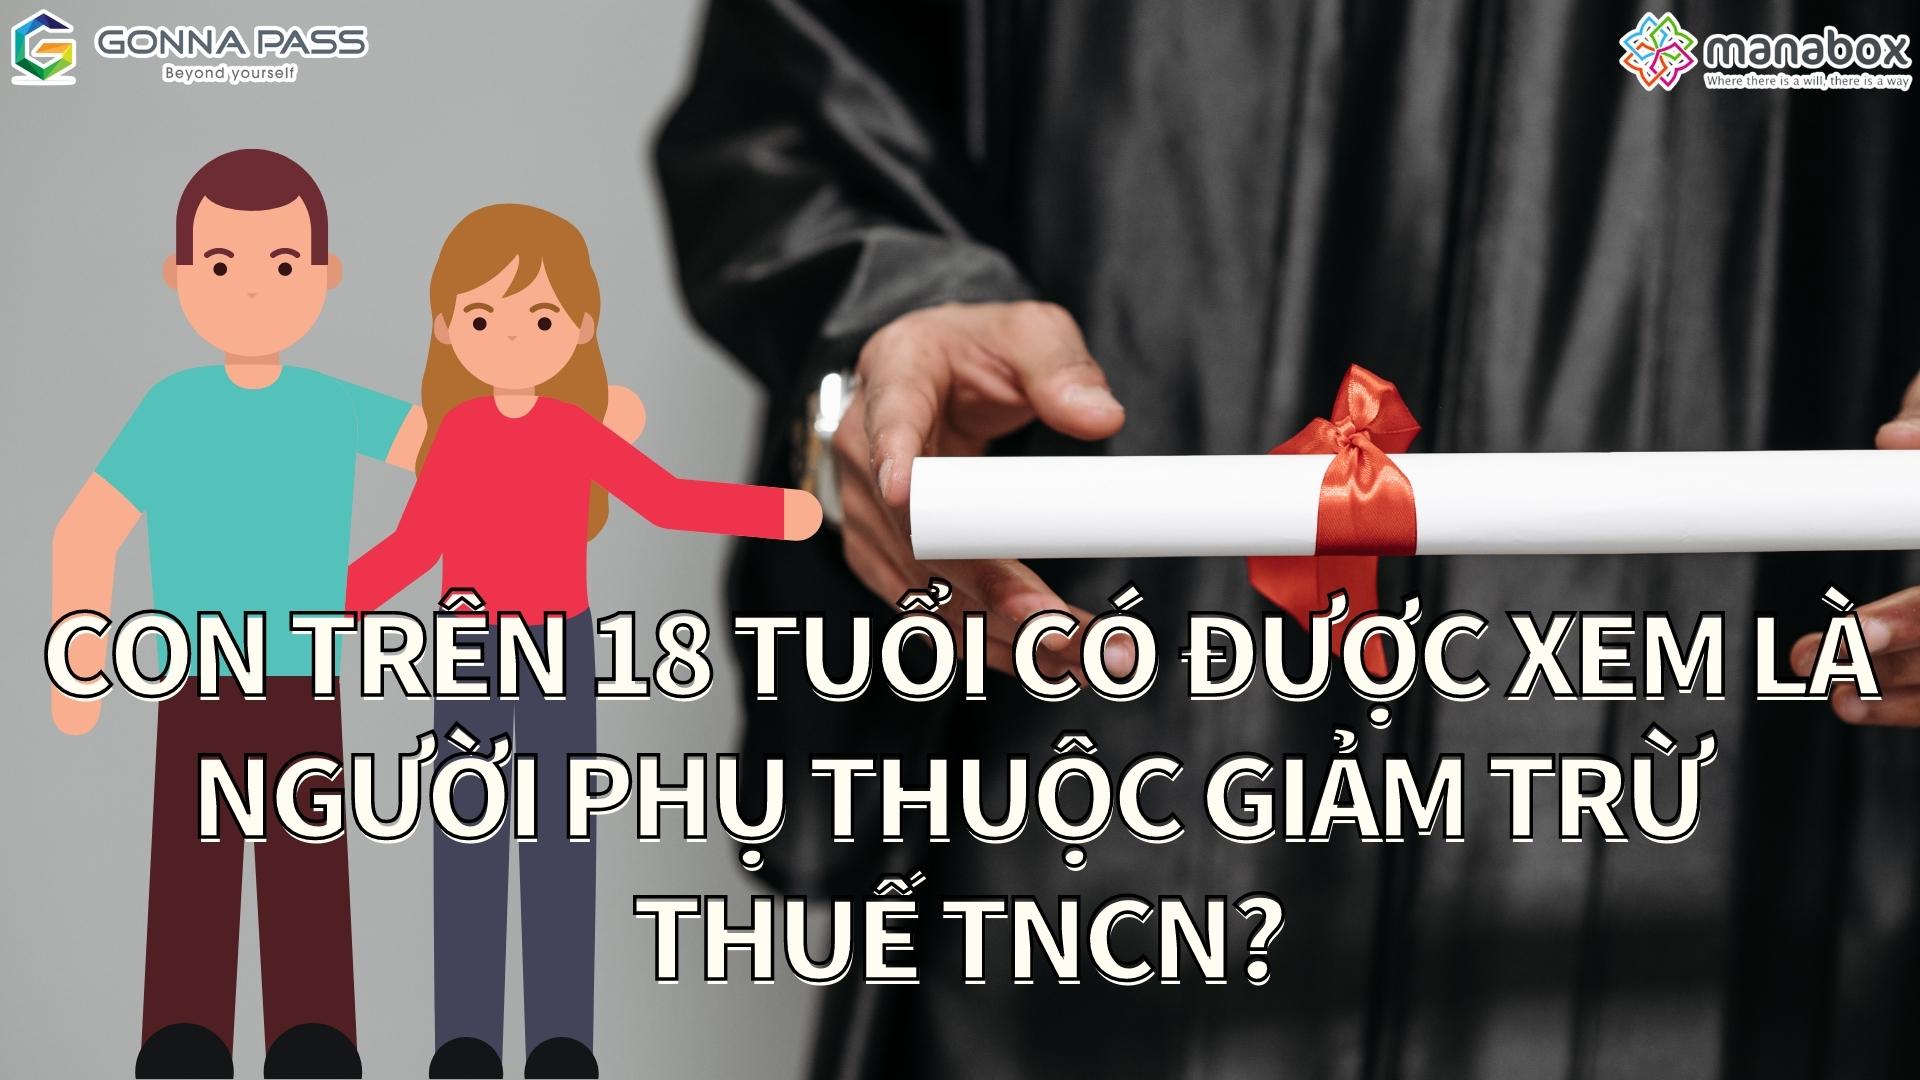 Con trên 18 tuổi có được xem là người phụ thuộc giảm trừ thuế TNCN?